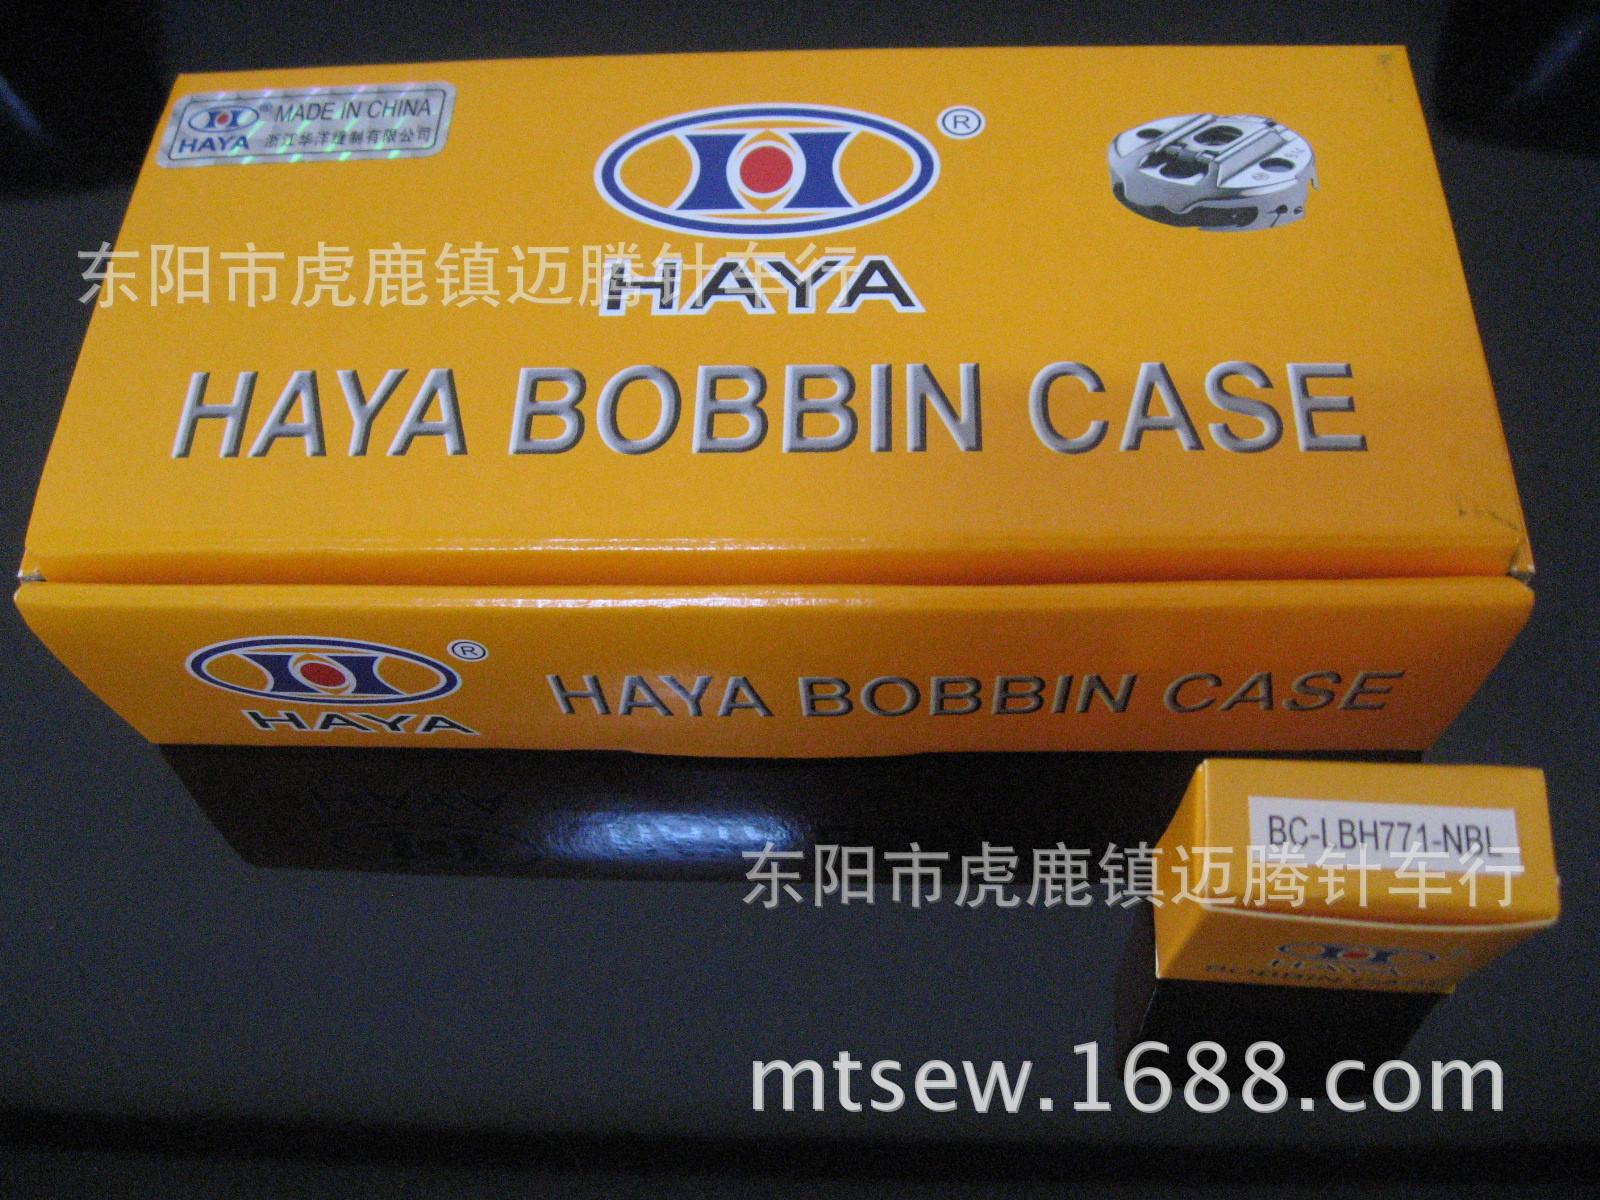 华洋781带钢片梭壳 BC-LBH771-NBL 平头锁眼机梭壳 bobbin case